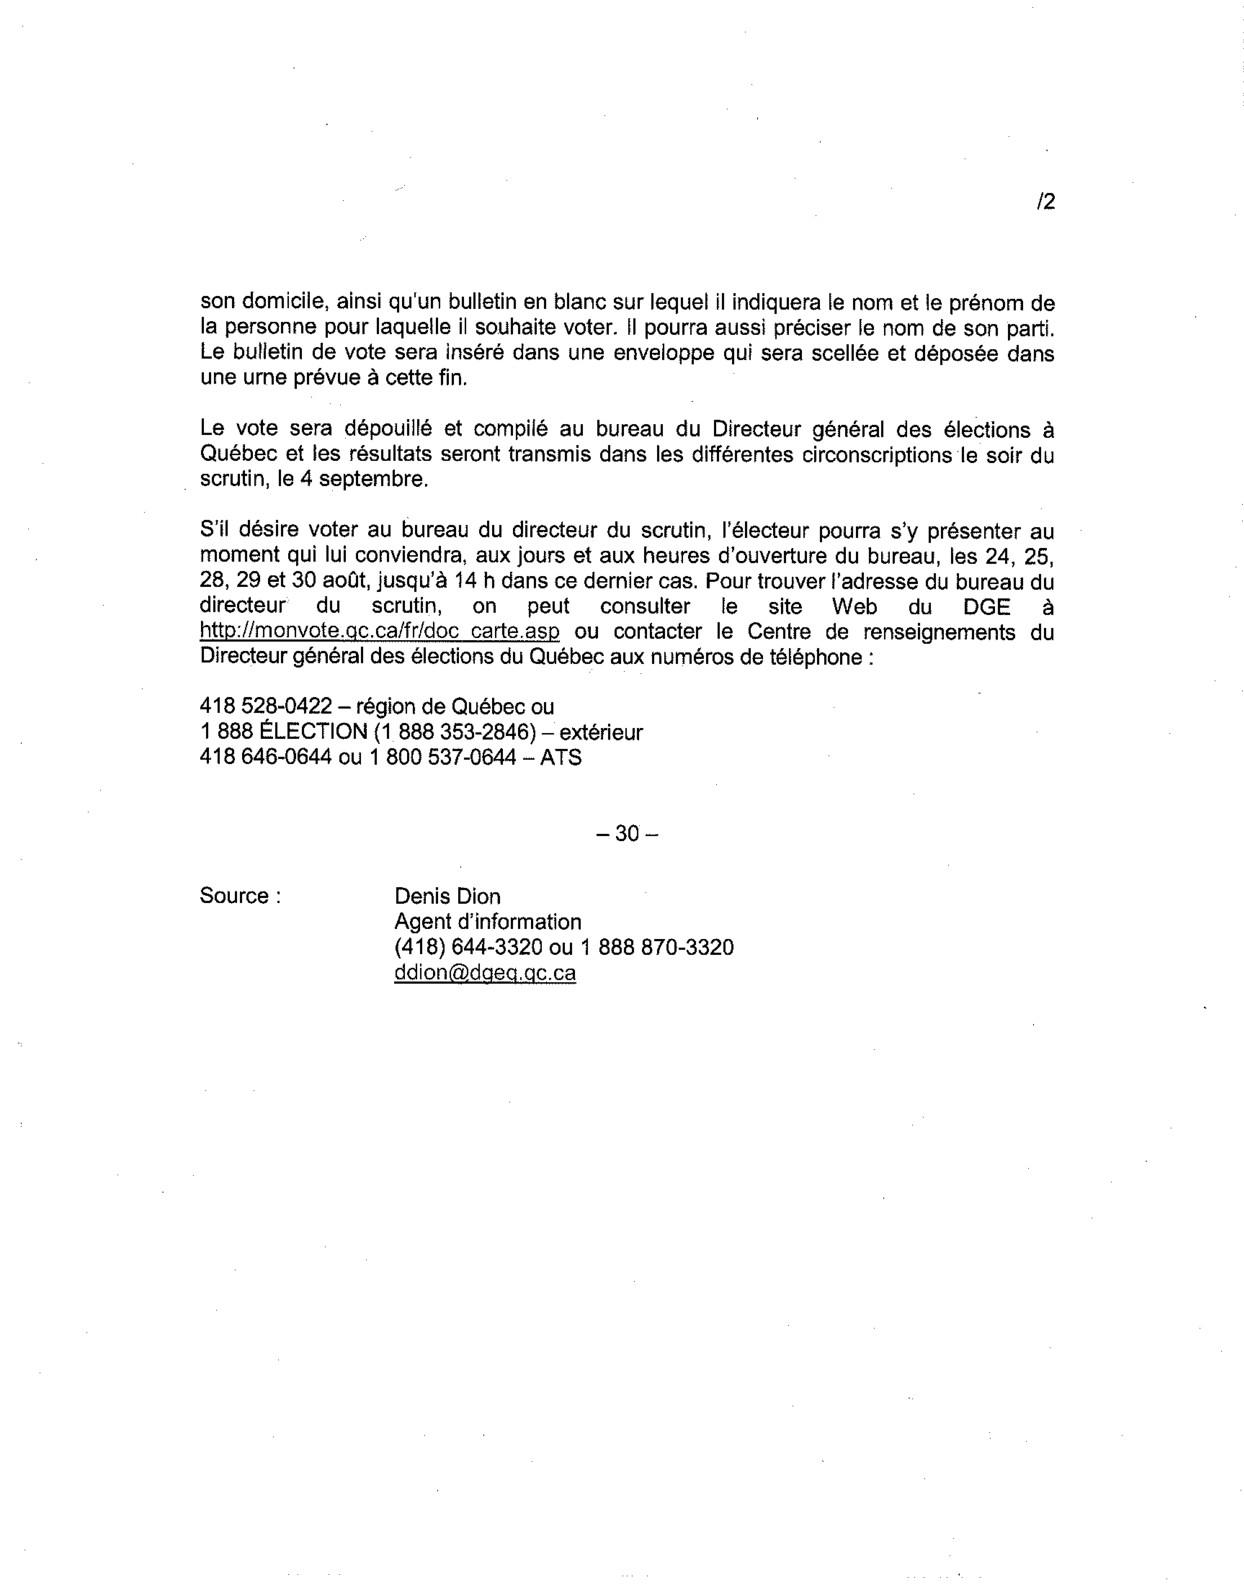 La cdc ici montmagny l 39 islet message du directeur g n ral - Bureau du directeur general des elections ...